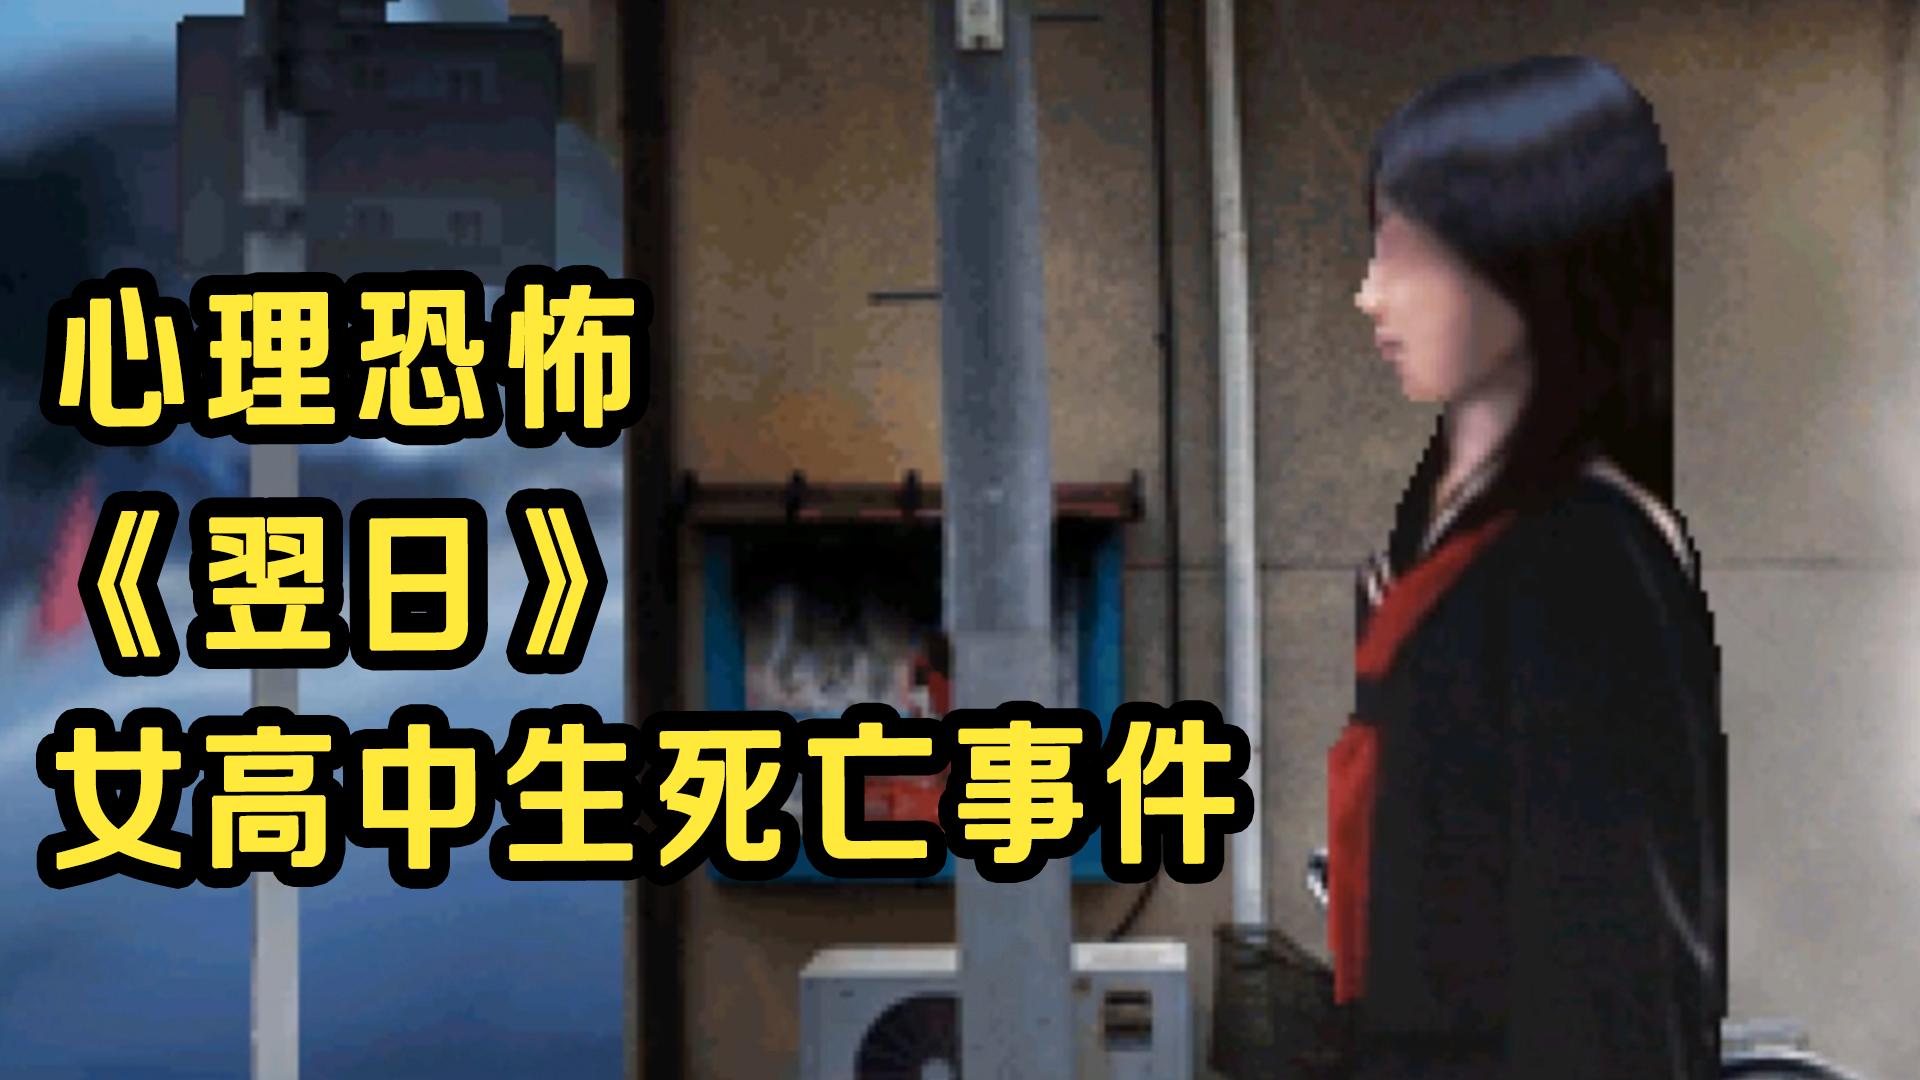 女生们千万不要一个人放学回家!|日式恐怖《翌日》第二部